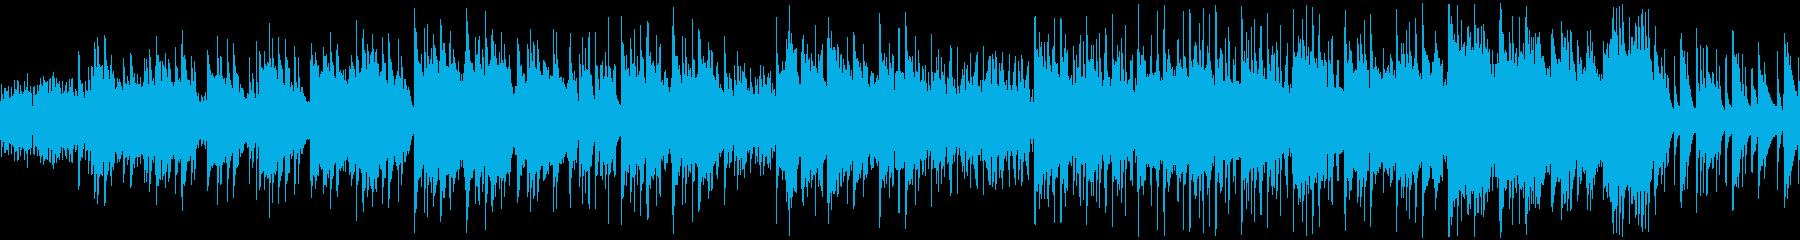 サイエンスフィクション音楽。神秘的...の再生済みの波形